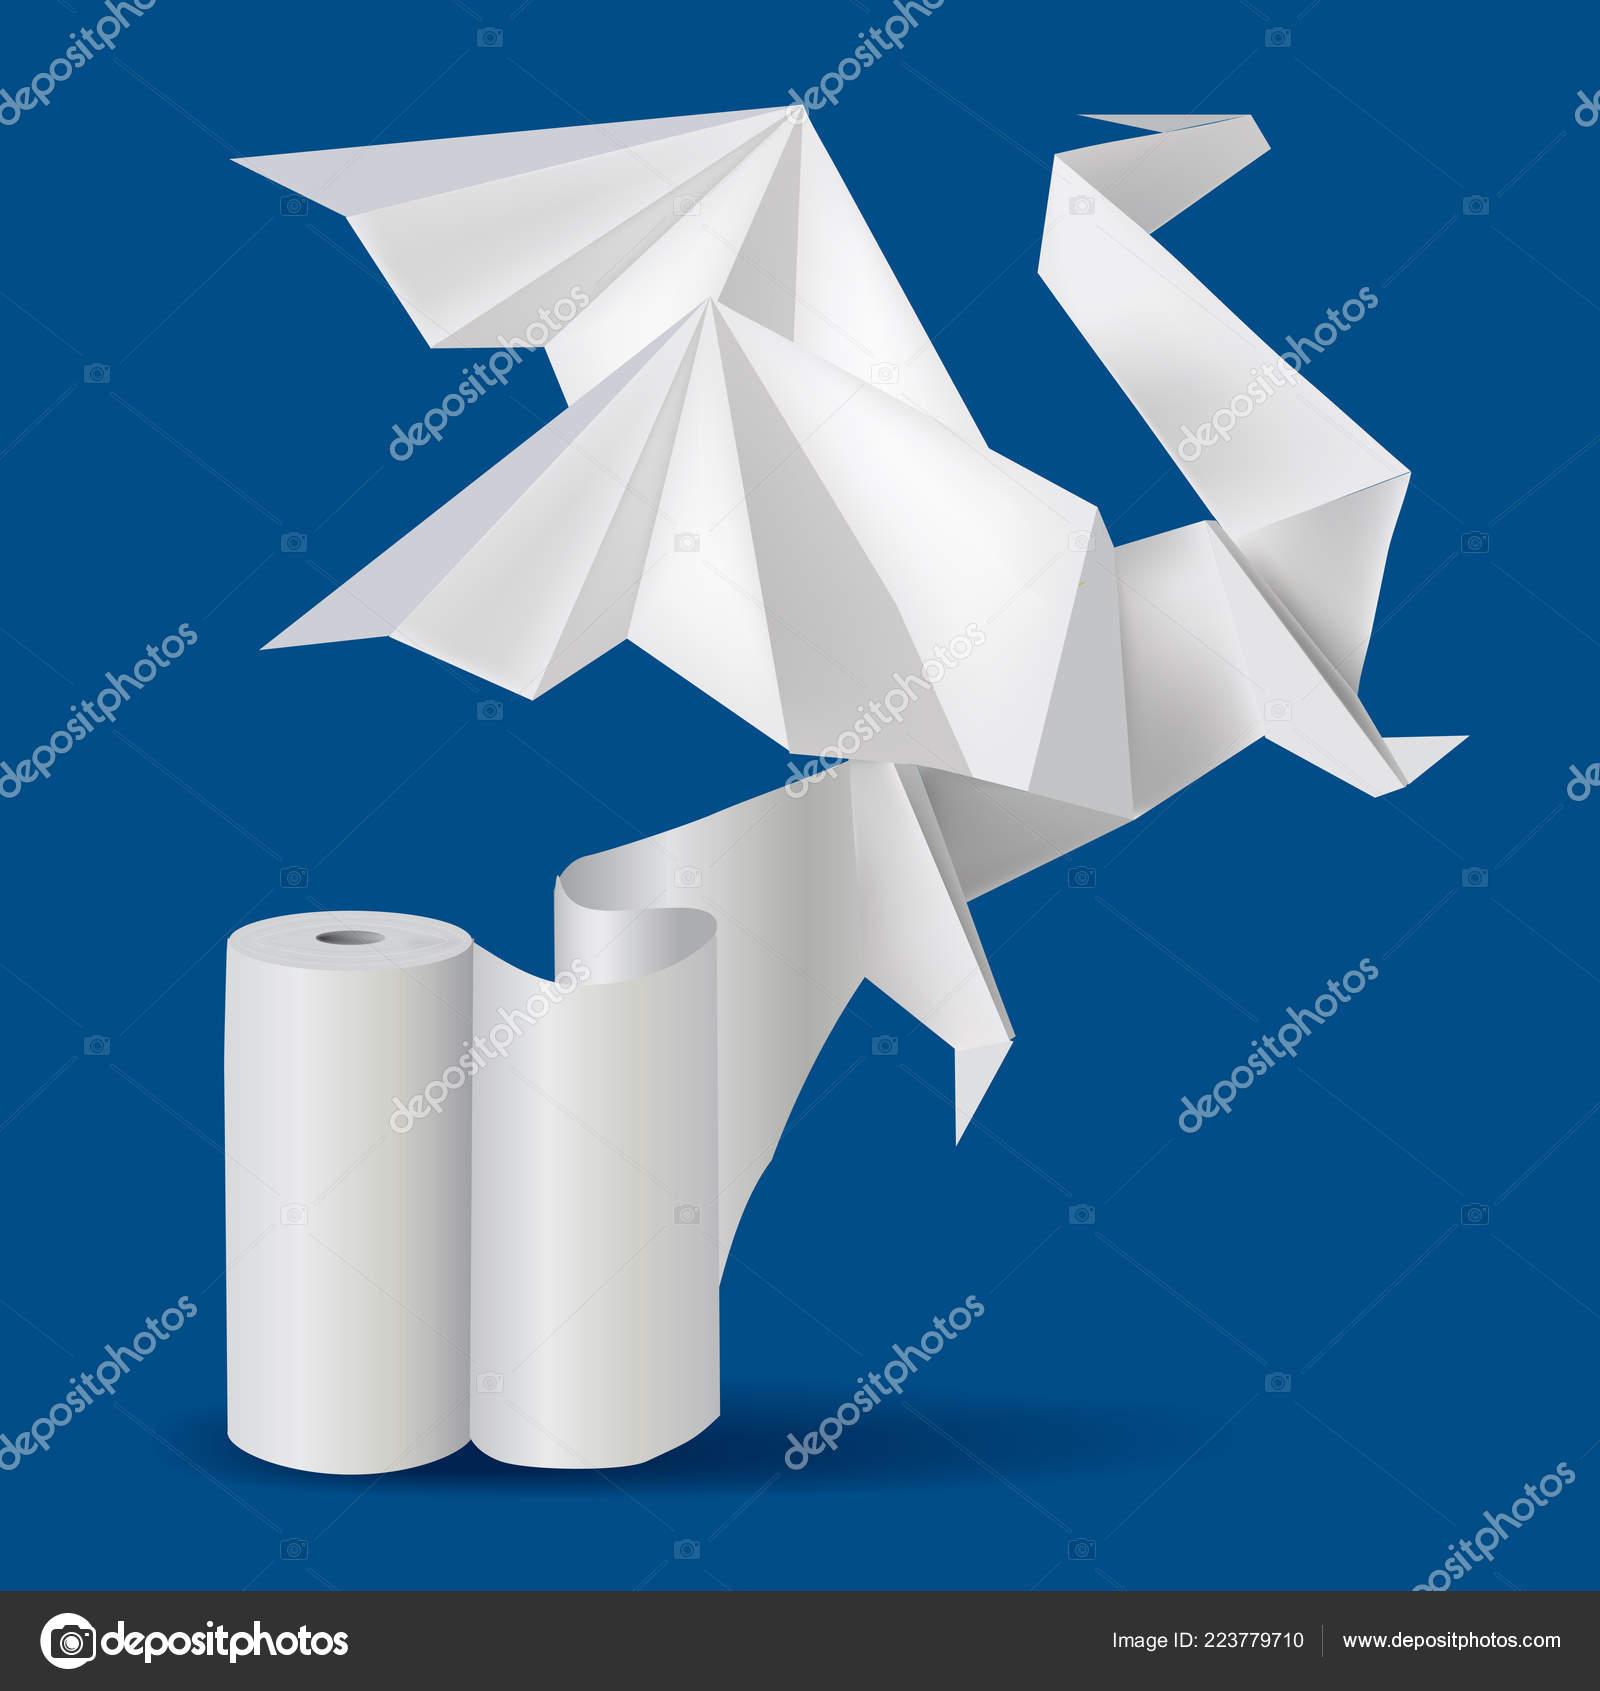 3d origami peacock 2 | 3d origami anleitung, Modulares origami, 3d ... | 1691x1600